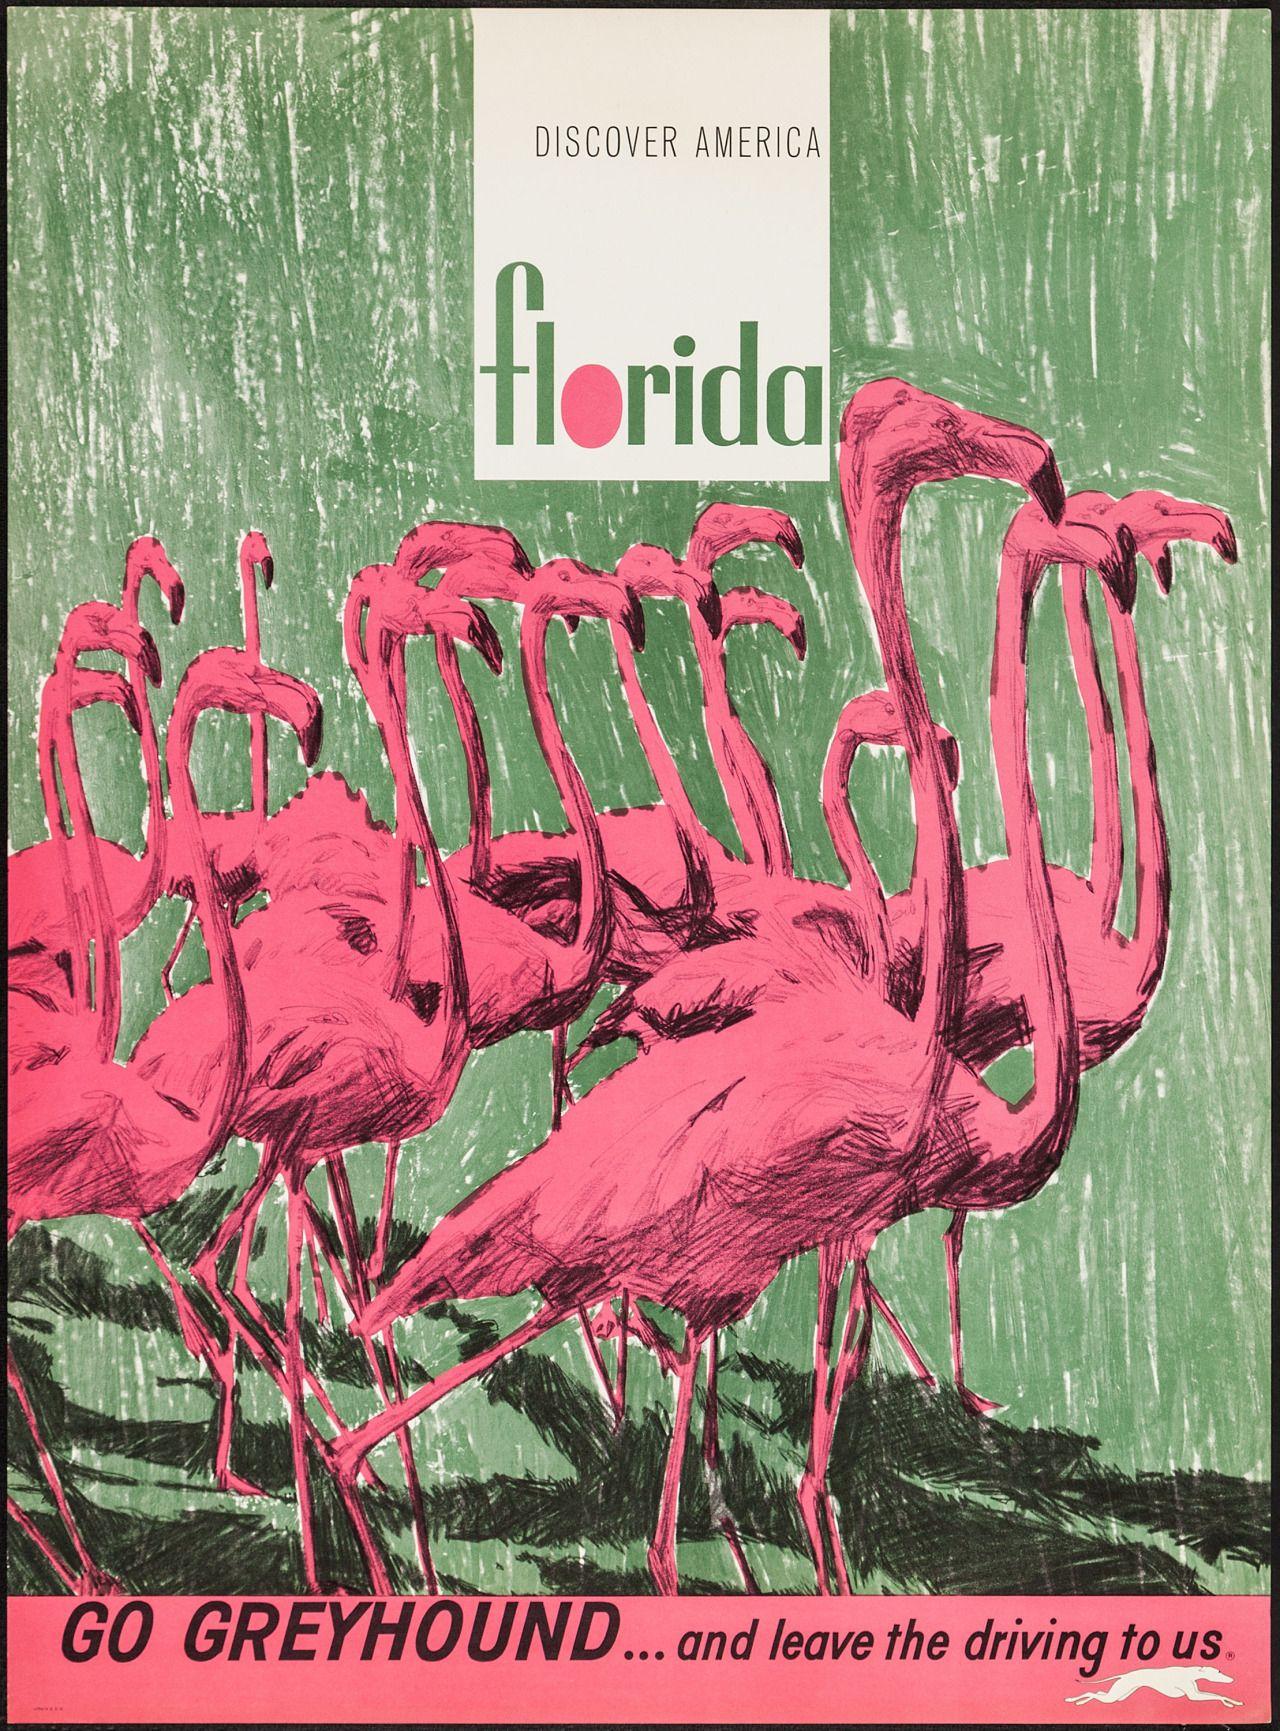 Discover America - Florida  Go Greyhound… (Greyhound Lines